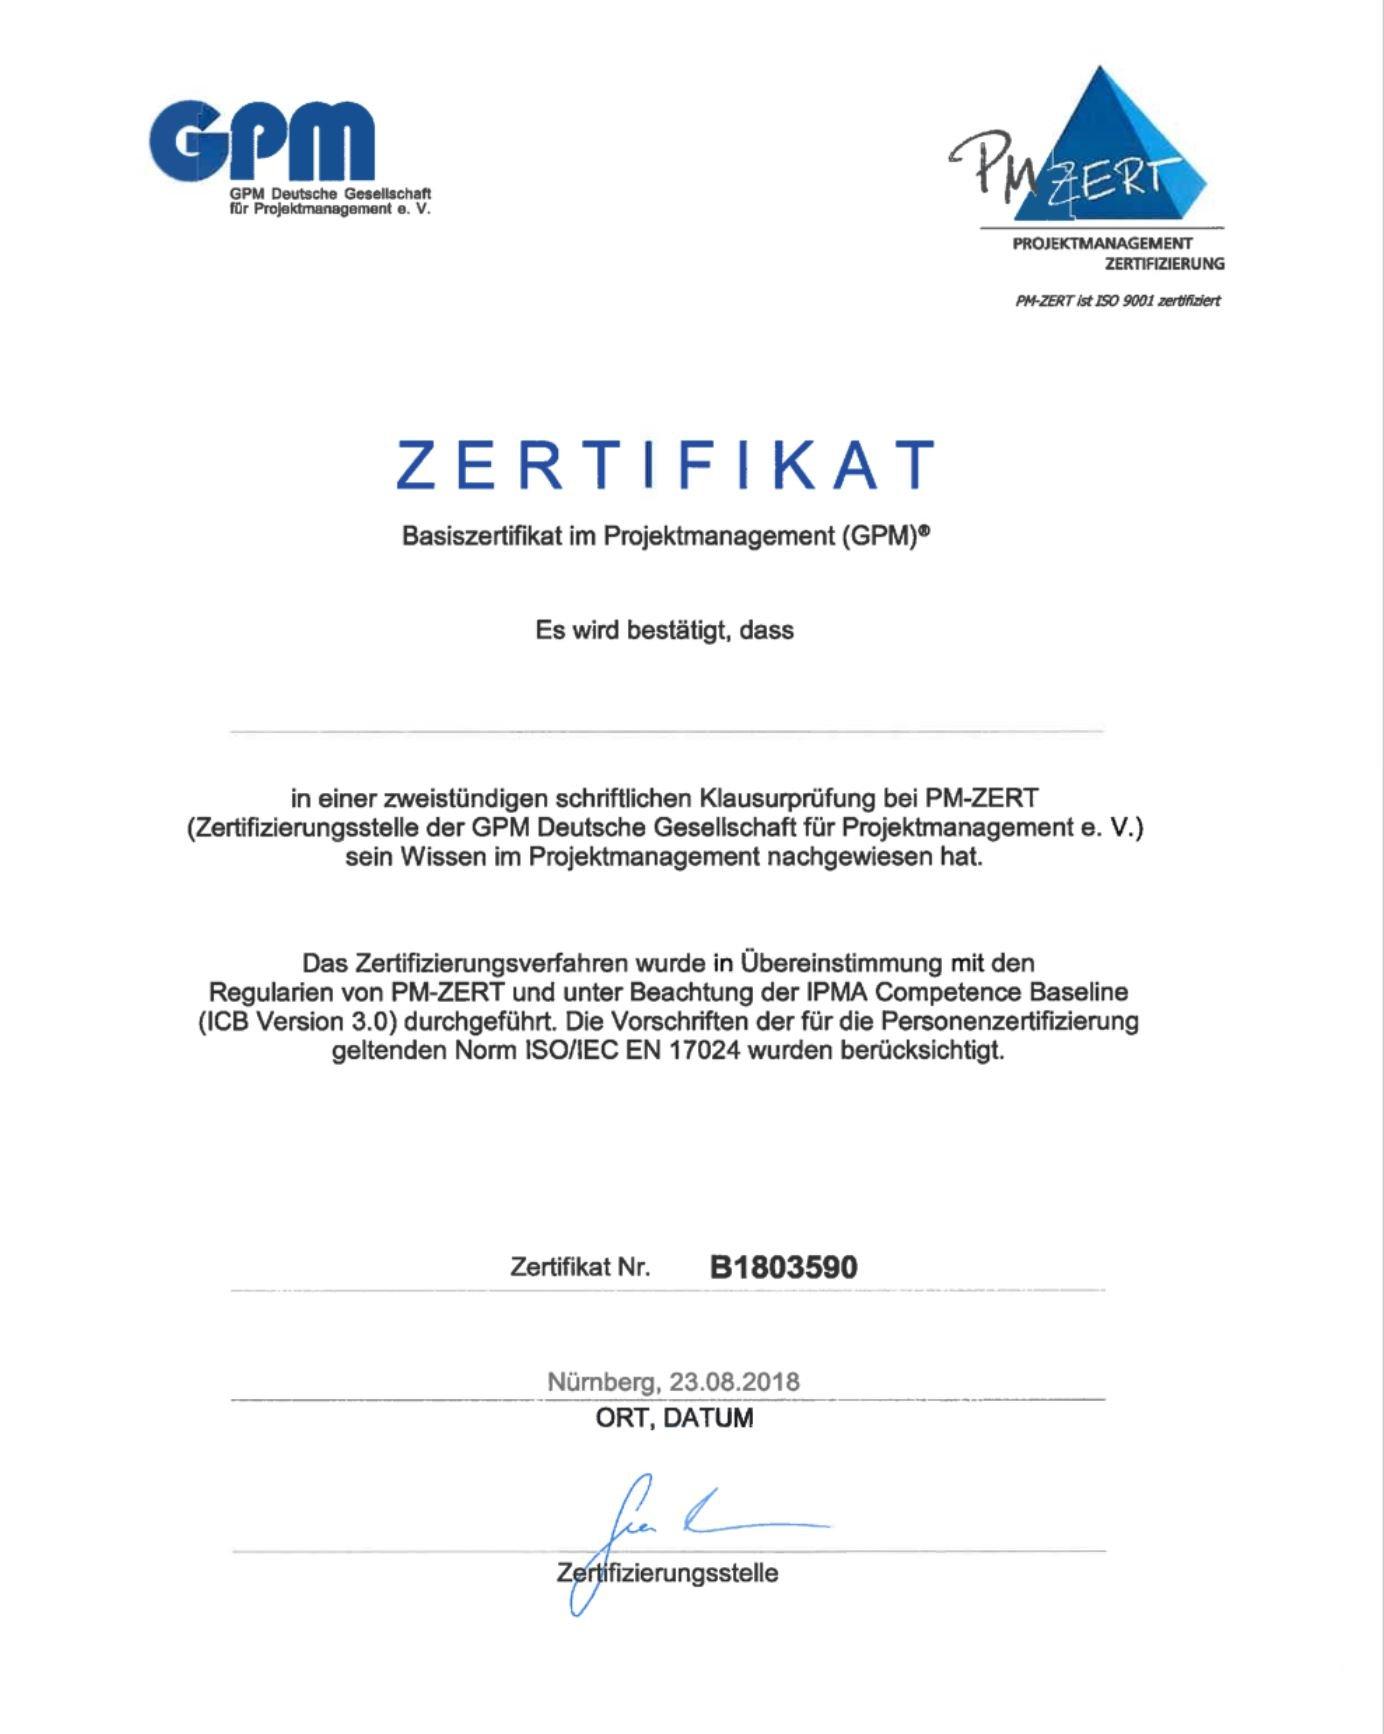 eXirius gratuliert 13 frisch Zertifizierten zum Basiszertifikat